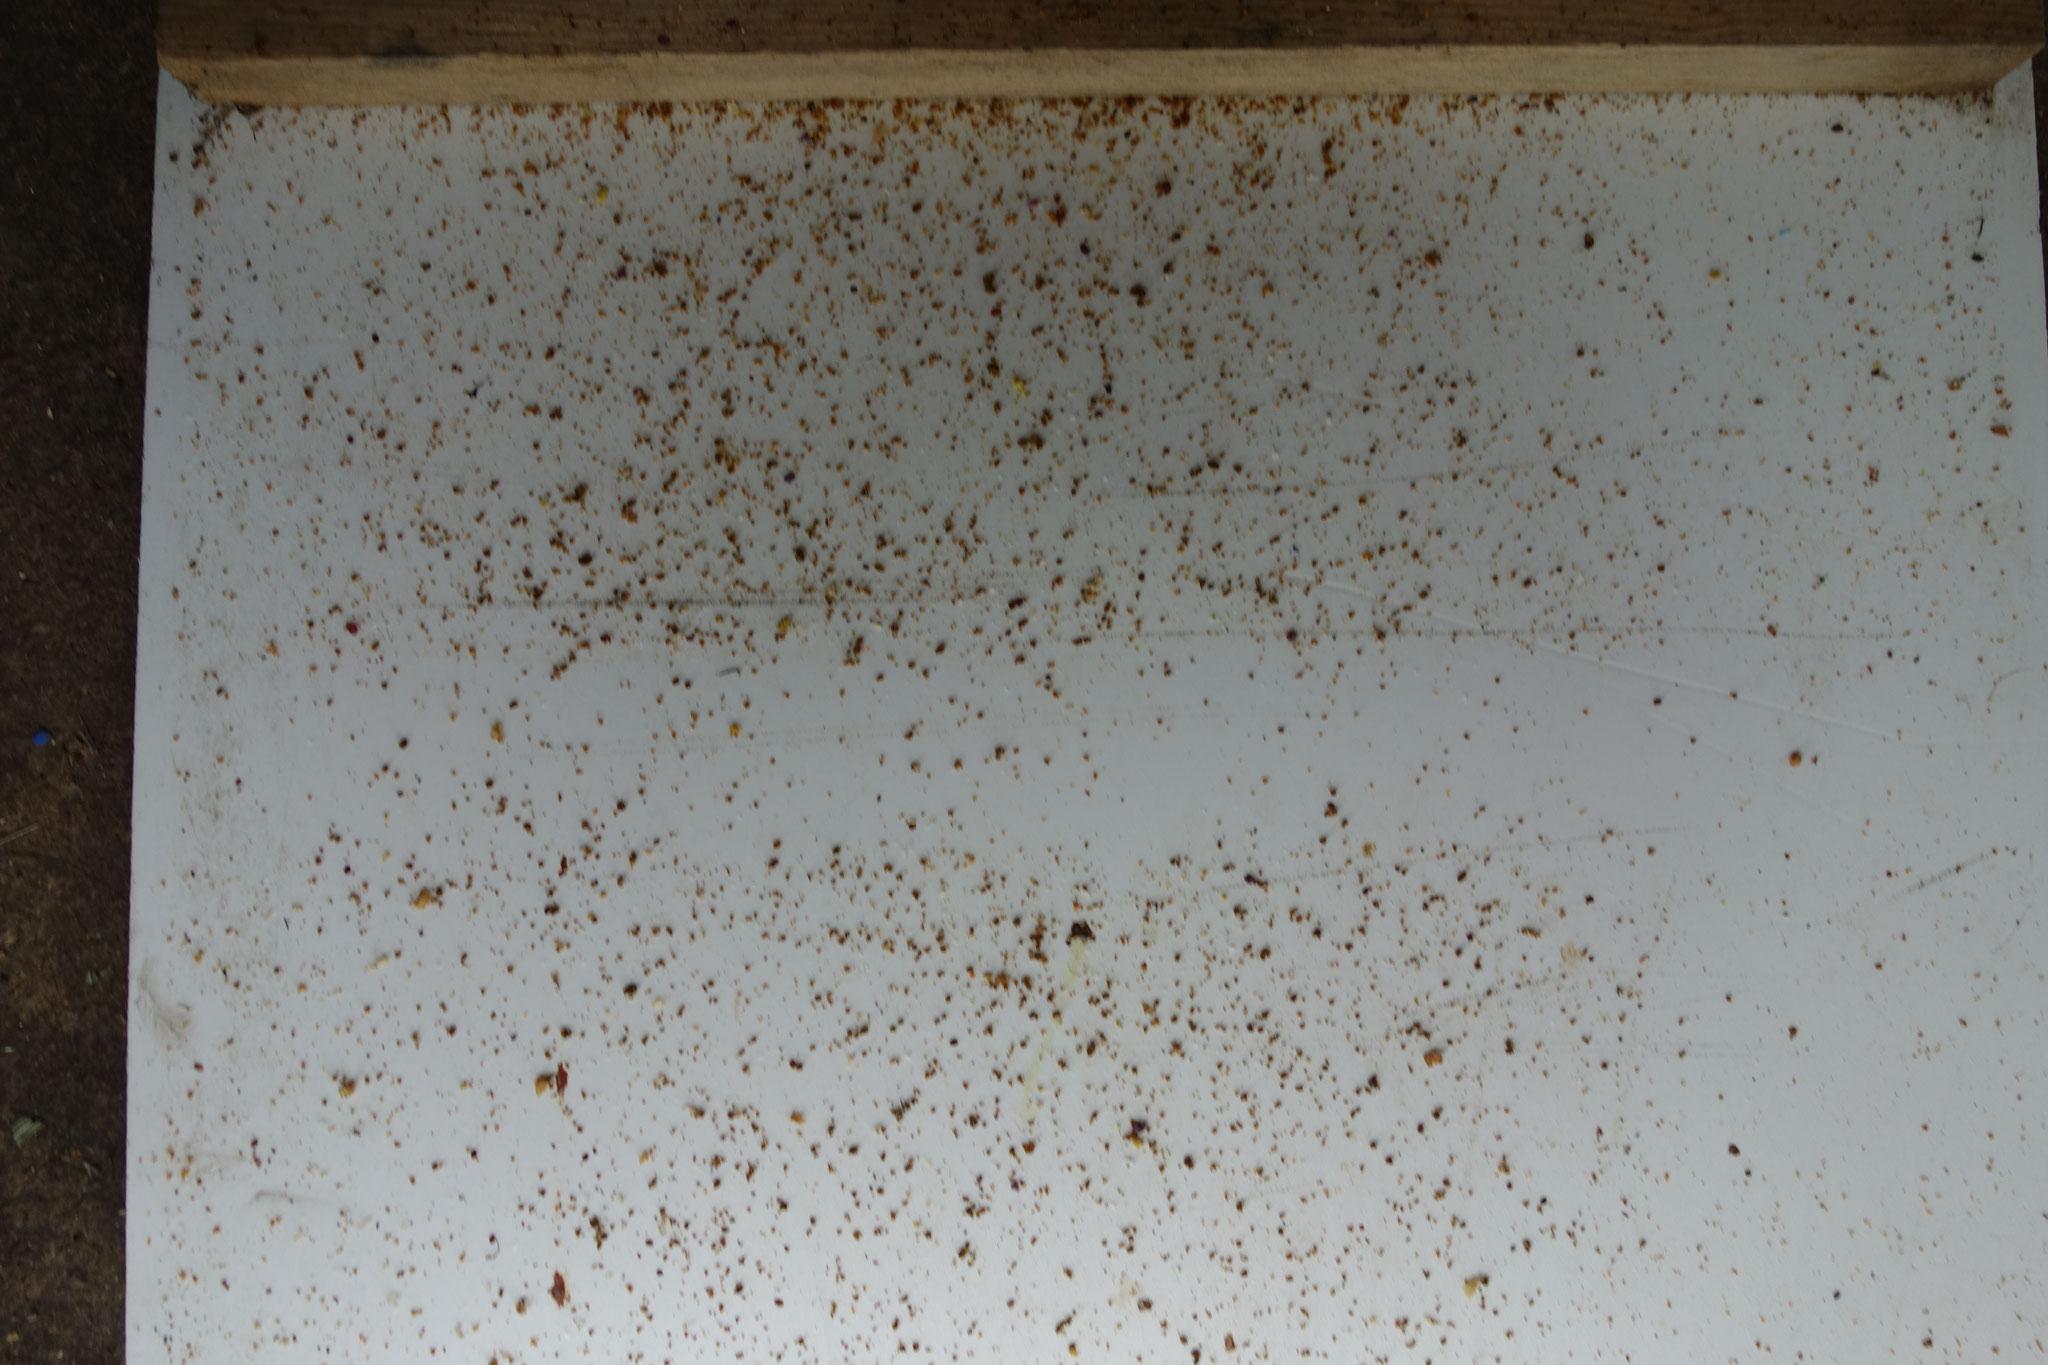 Bild2: Gemüll. Sieht schlimm aus. Aber die Zahl der Varroen lag deutlich unter der Befallsgrenze von 10 Stück pro Tag.